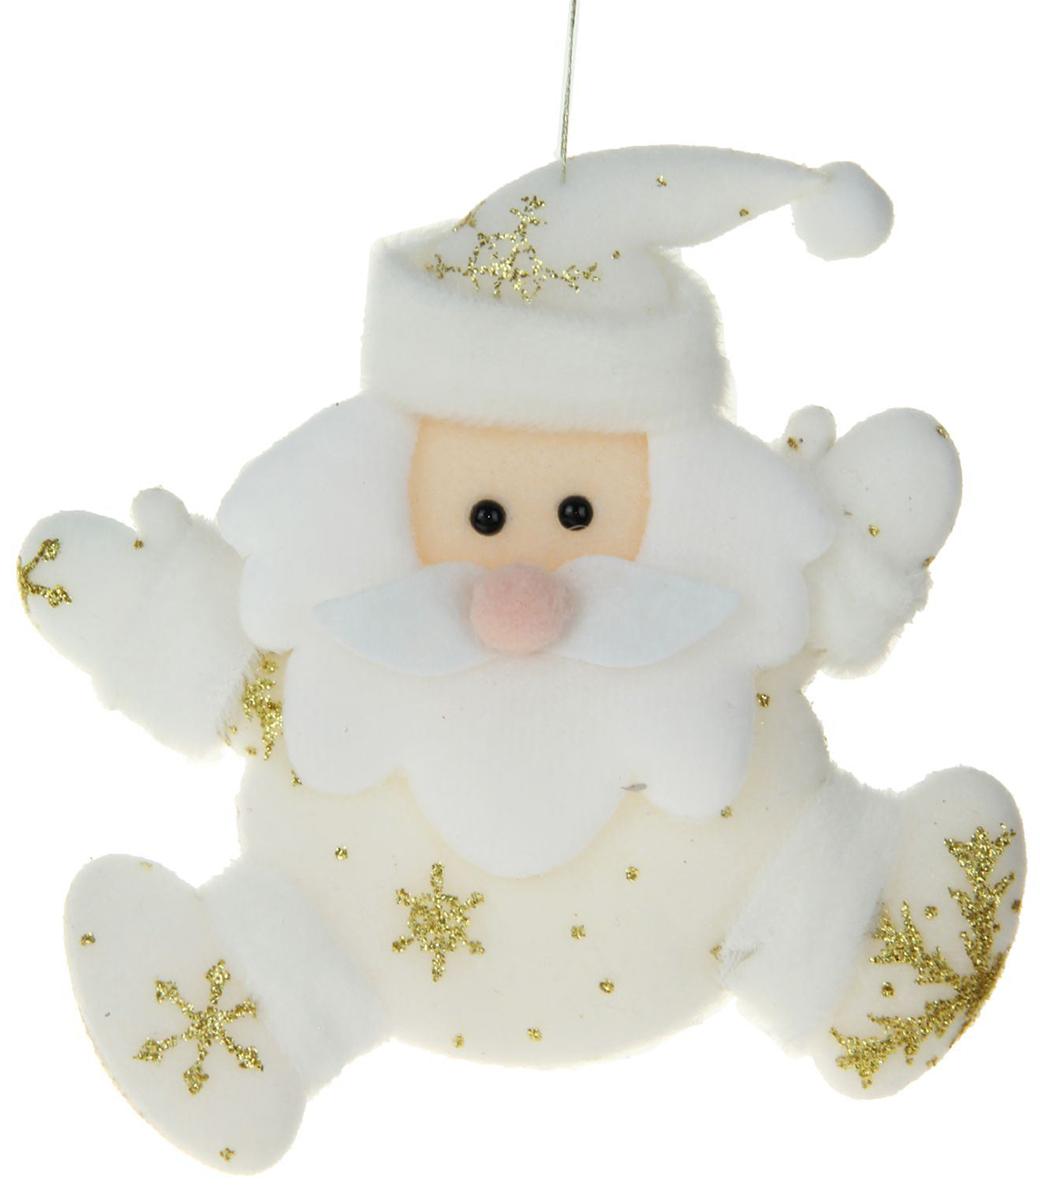 Новогоднее подвесное украшение Дед Мороз, цвет: белый. 13811661381166Новогоднее украшение ручной работы отлично подойдет для декорации вашего дома и новогодней ели. С помощью специальной петельки украшение можно повесить в любом понравившемся вам месте. Но, конечно, удачнее всего оно будет смотреться на праздничной елке.Елочная игрушка - символ Нового года. Она несет в себе волшебство и красоту праздника. Такое украшение создаст в вашем доме атмосферу праздника, веселья и радости.